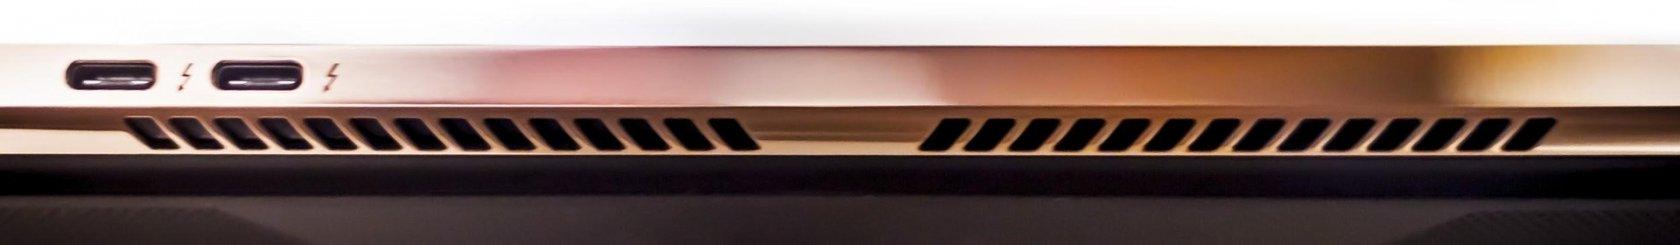 Технологии и дизайн в одном устройстве. Ноутбук HP Spectre 13 - 1